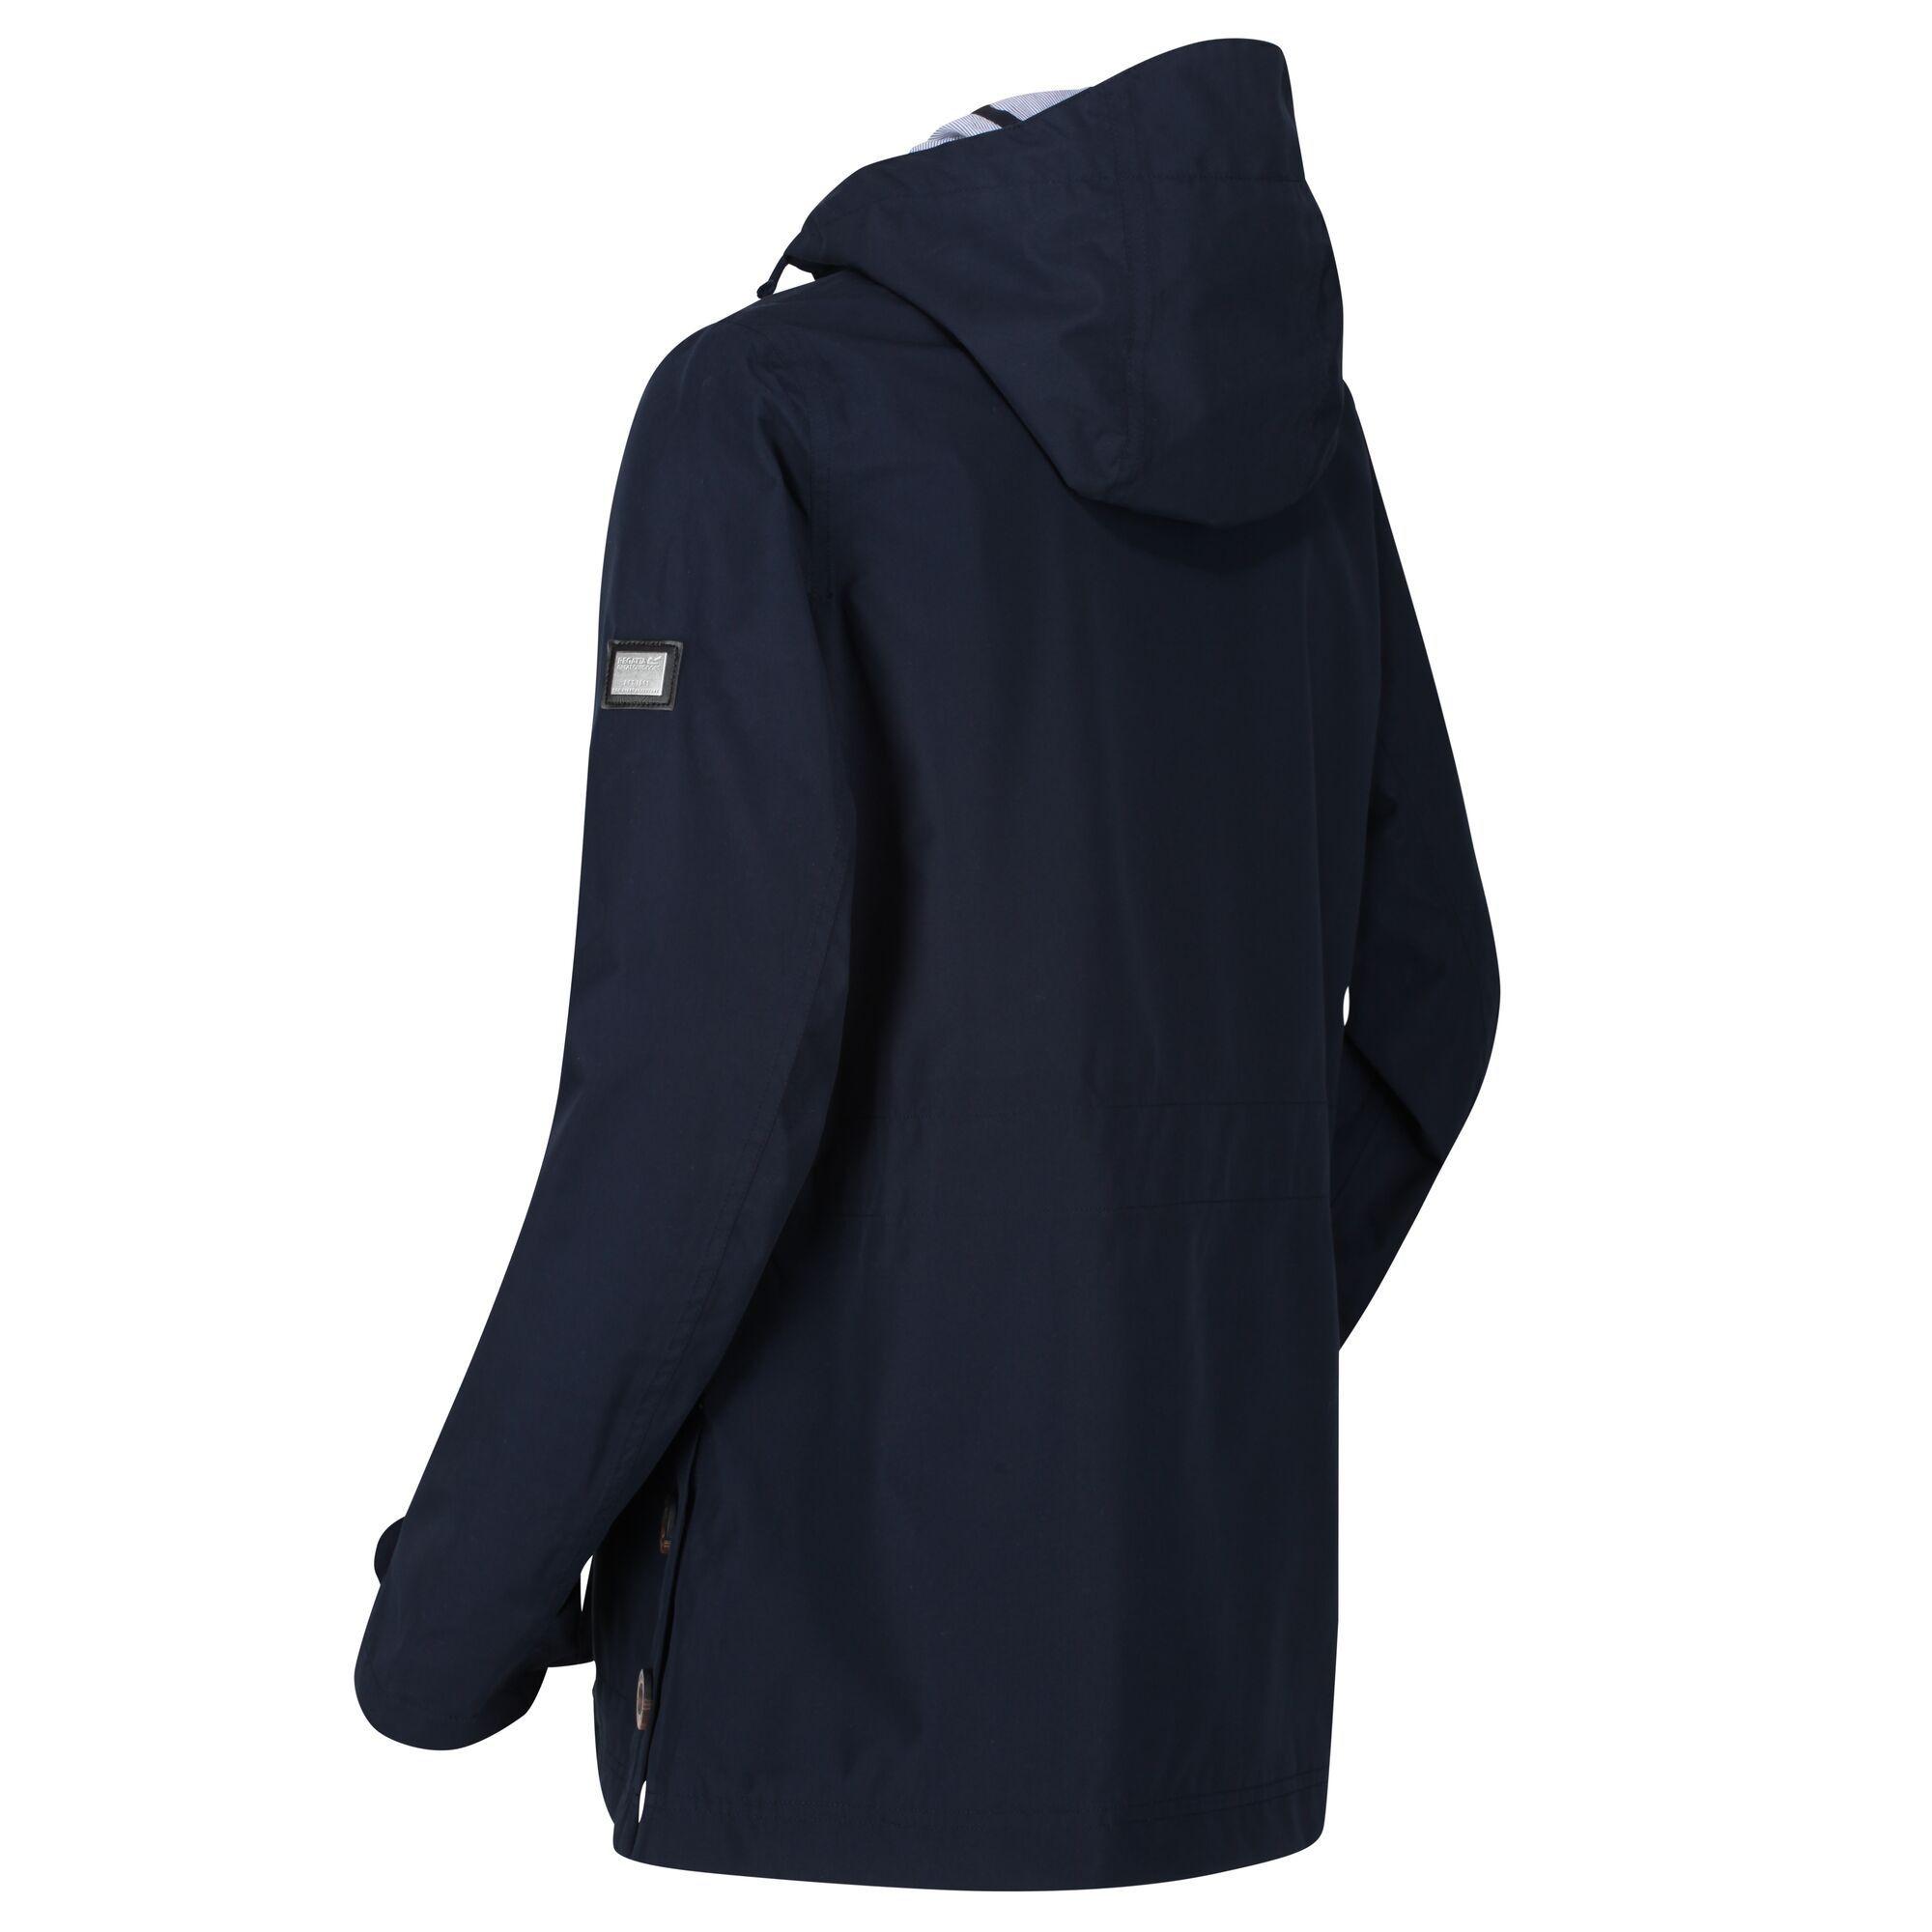 Regatta Women's Ninette Waterproof Jacket